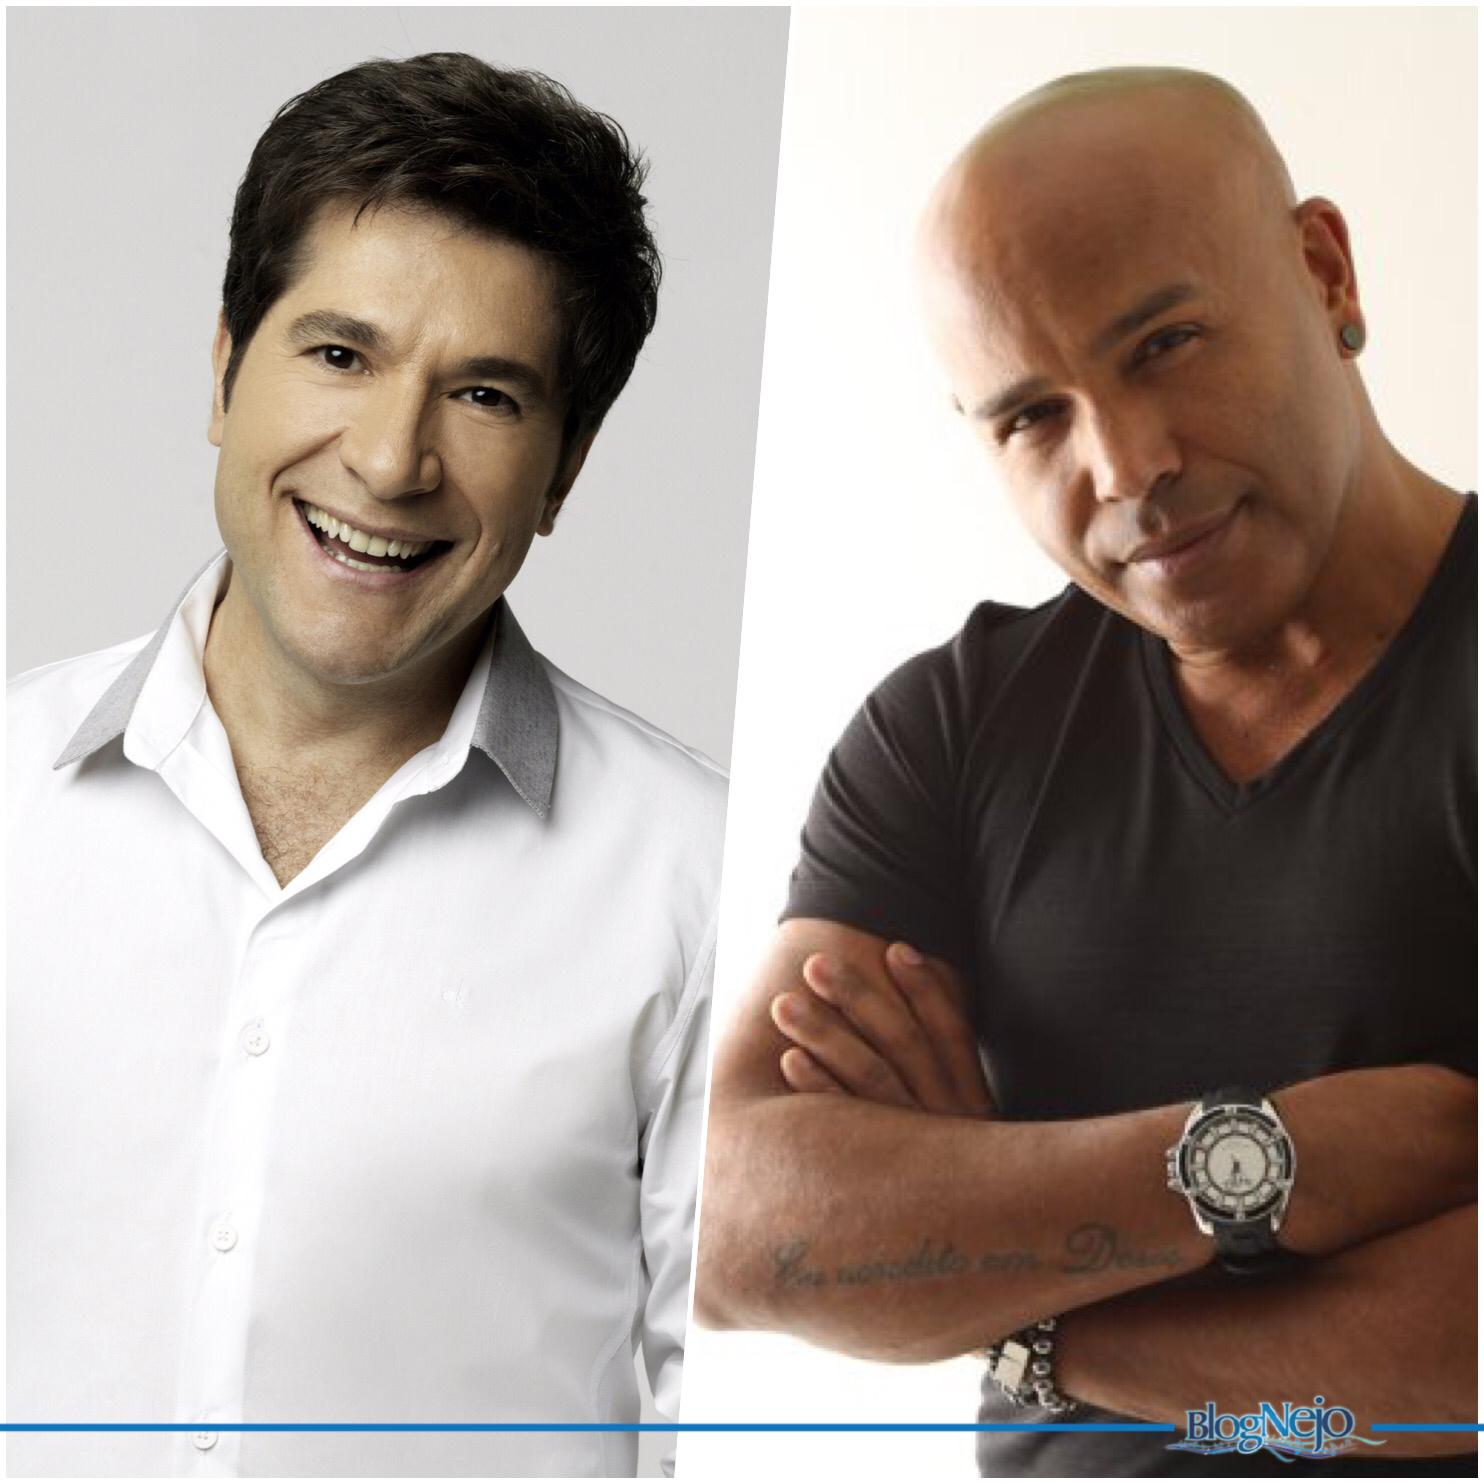 Daniel e Rick Sollo dividem o palco em show conjunto amanhã, em Sorocaba. Confira detalhes.